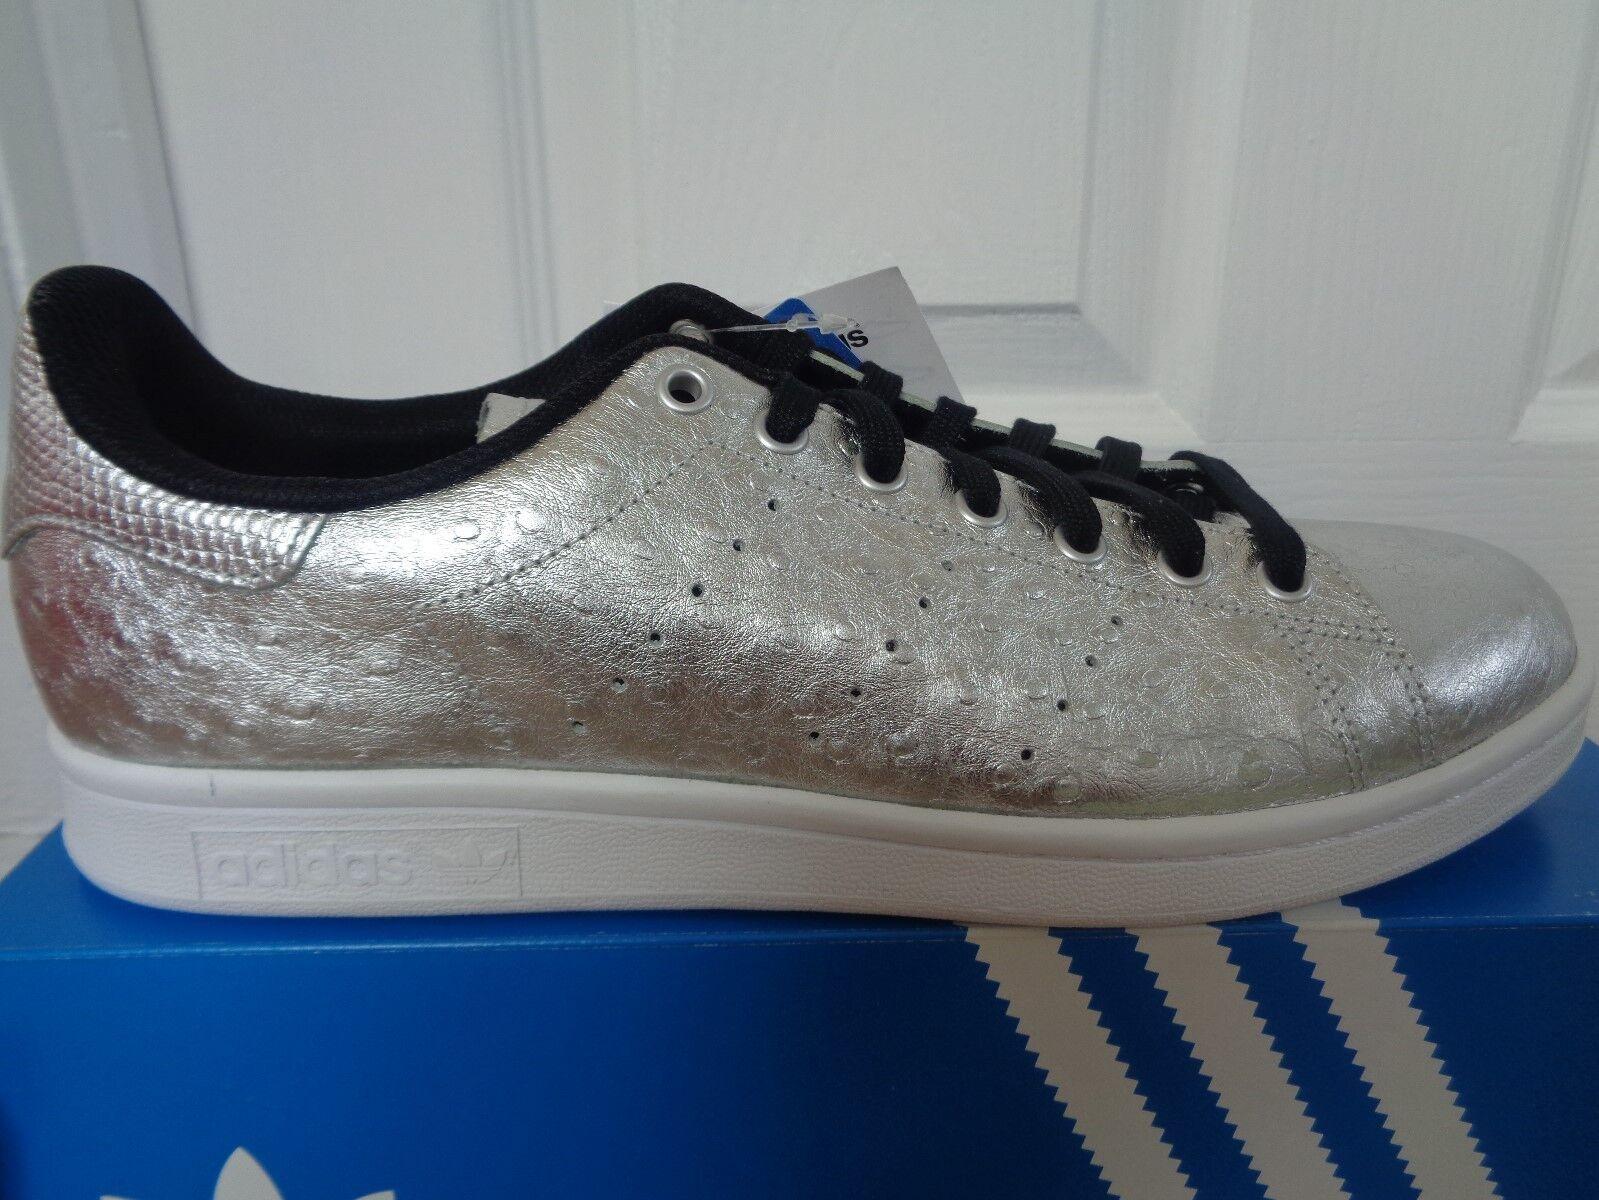 Adidas Adidas Adidas Stan Smith Zapatillas Sneakers zapatos AQ4706 /3 nos 9 Nuevo + Caja c92202